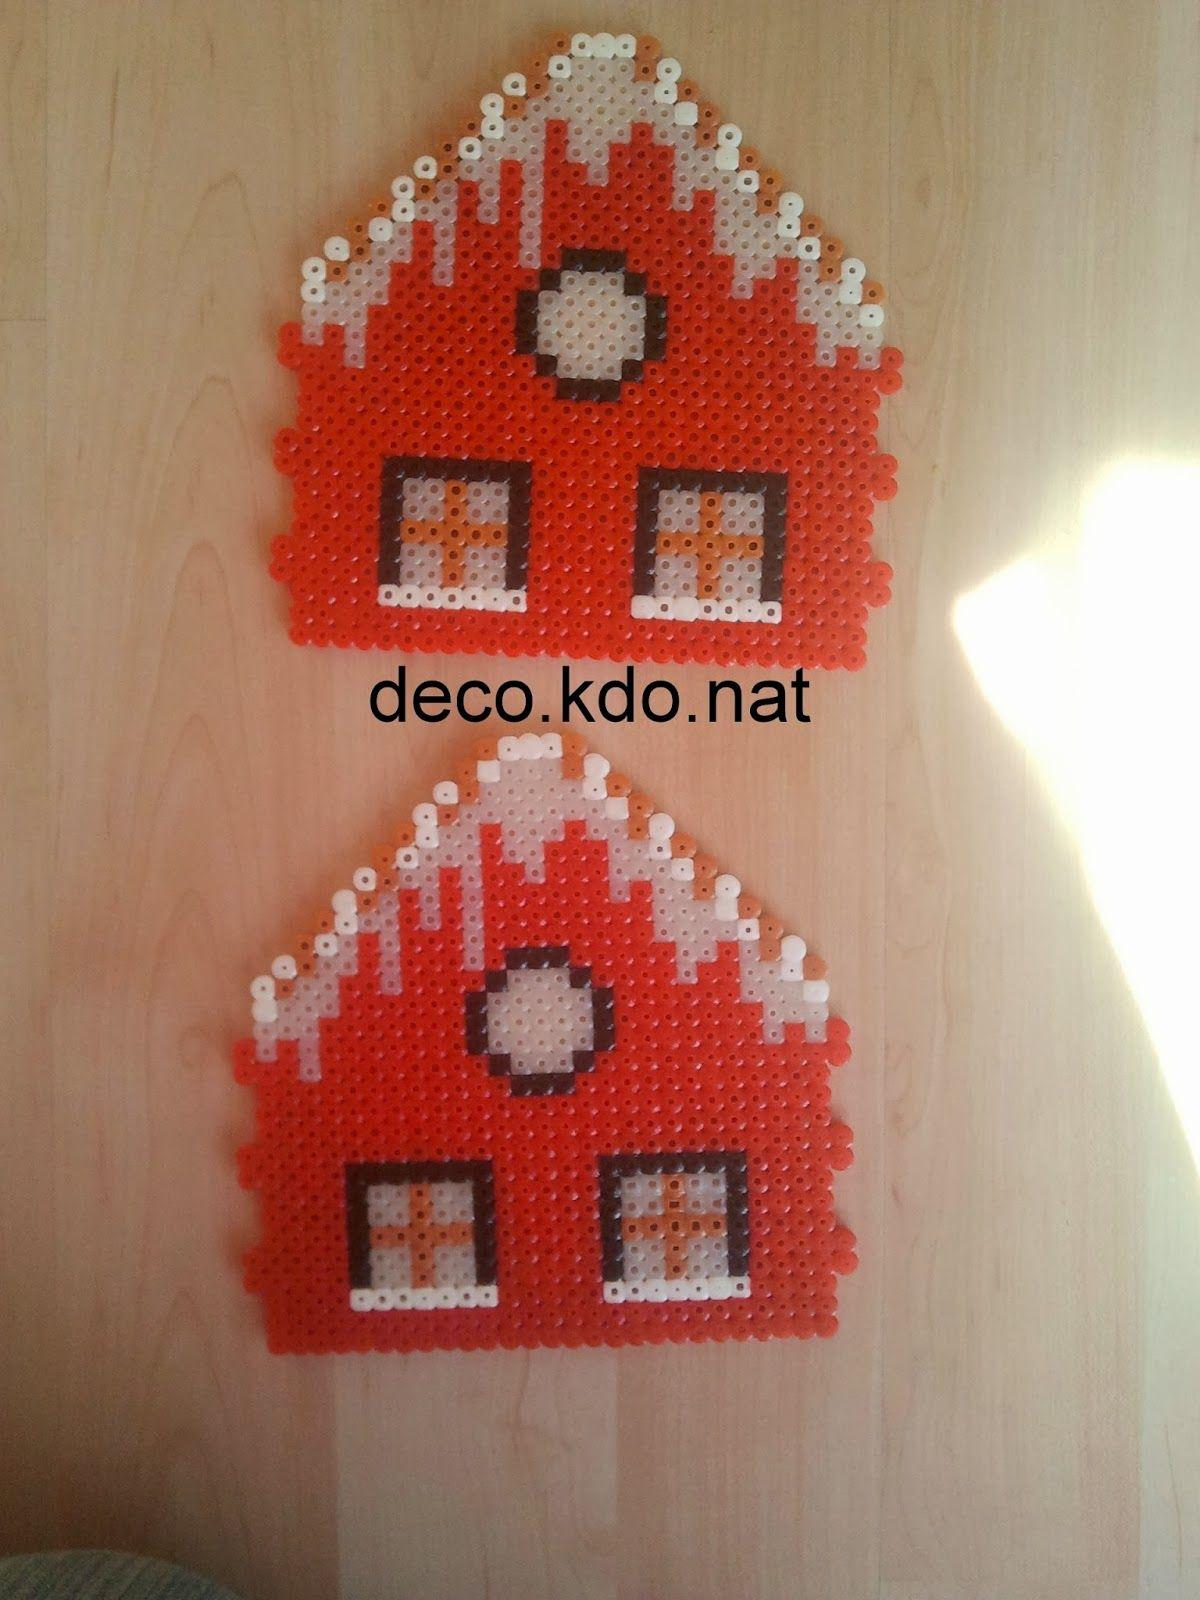 Deco kdo nat perles hama maison du p re no l 3d perle for Modele maison perle a repasser